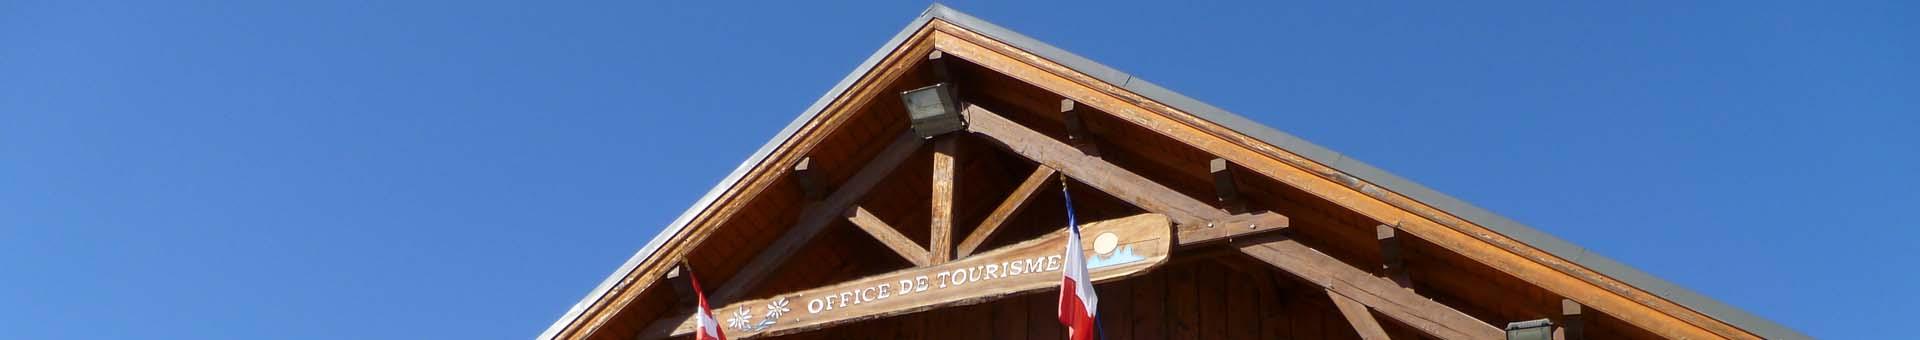 office-de-tourisme-saint-jean-d-arves-516-1214